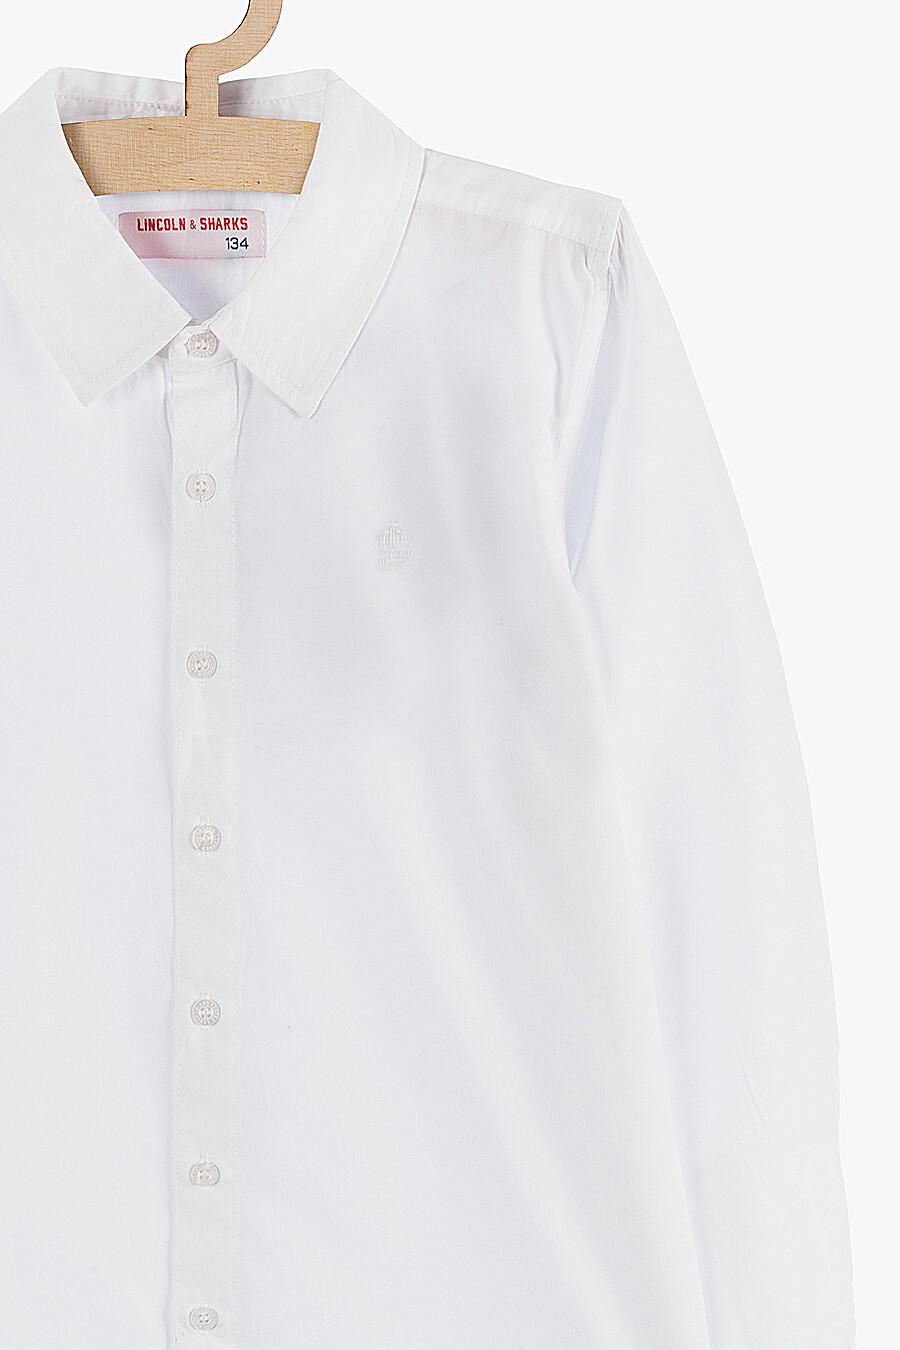 Рубашка для мальчиков 5.10.15 218380 купить оптом от производителя. Совместная покупка детской одежды в OptMoyo